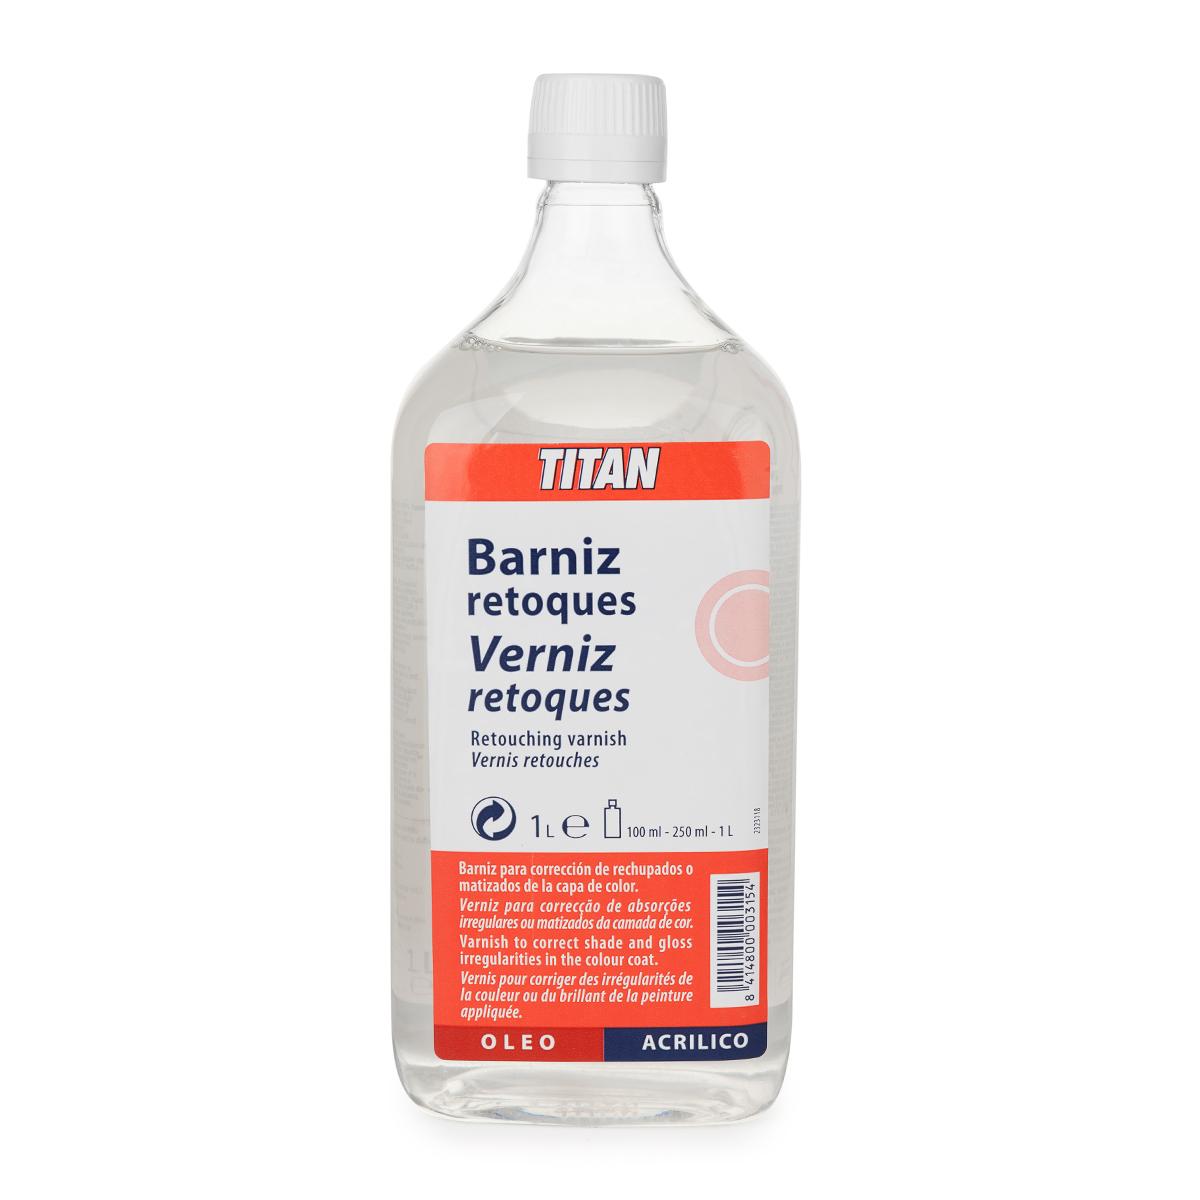 BARNIZ RETOQUES TITAN 1L